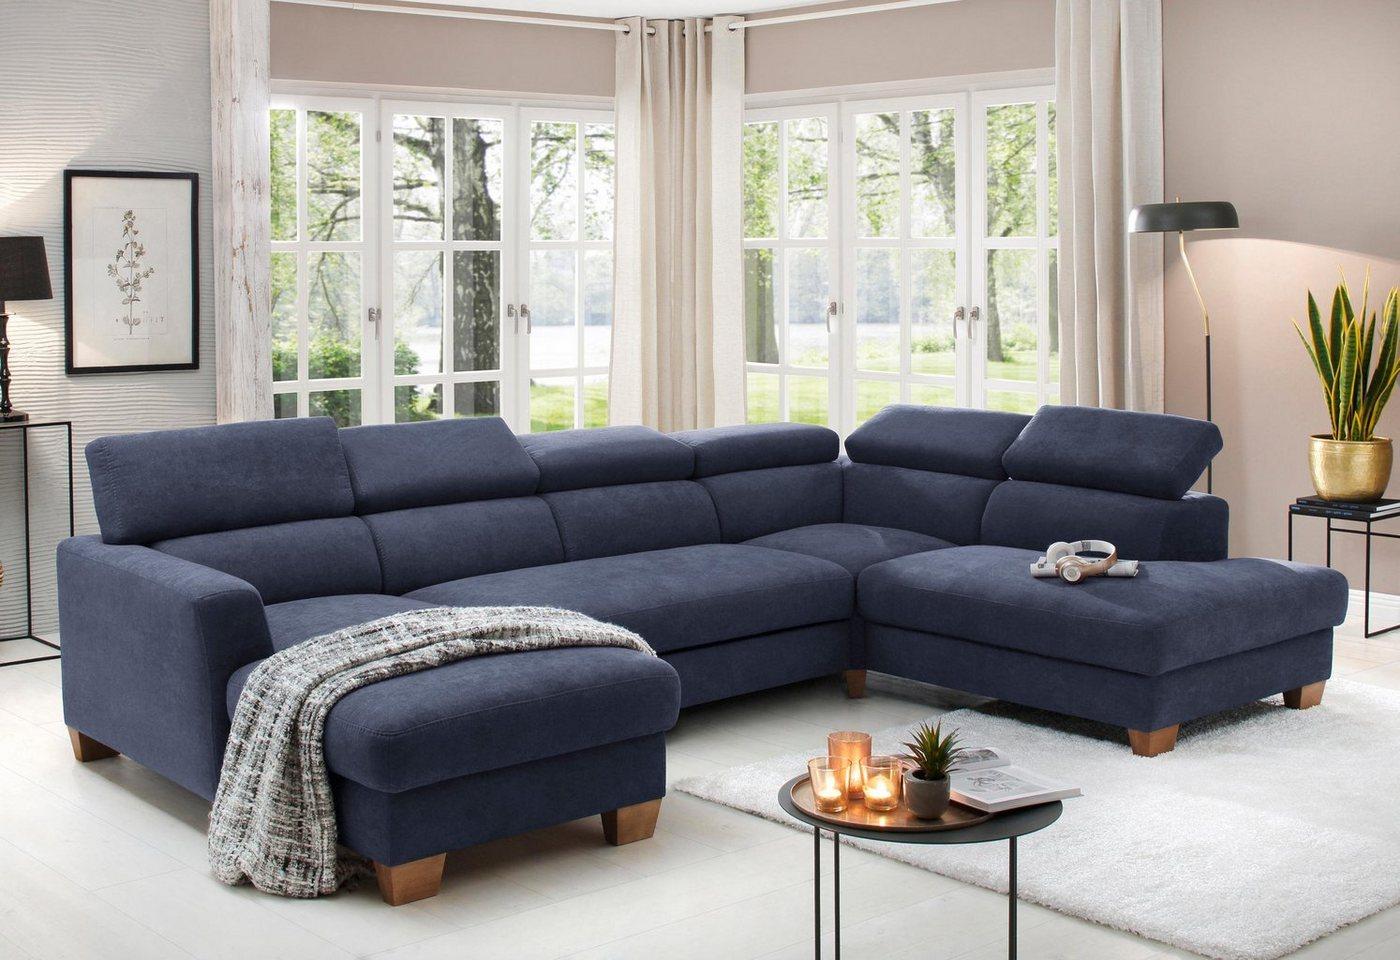 Sofas - Home affaire Wohnlandschaft »Steve de luxe«, mit besonders hochwertiger Polsterung für bis zu 140 kg pro Sitzfläche  - Onlineshop OTTO